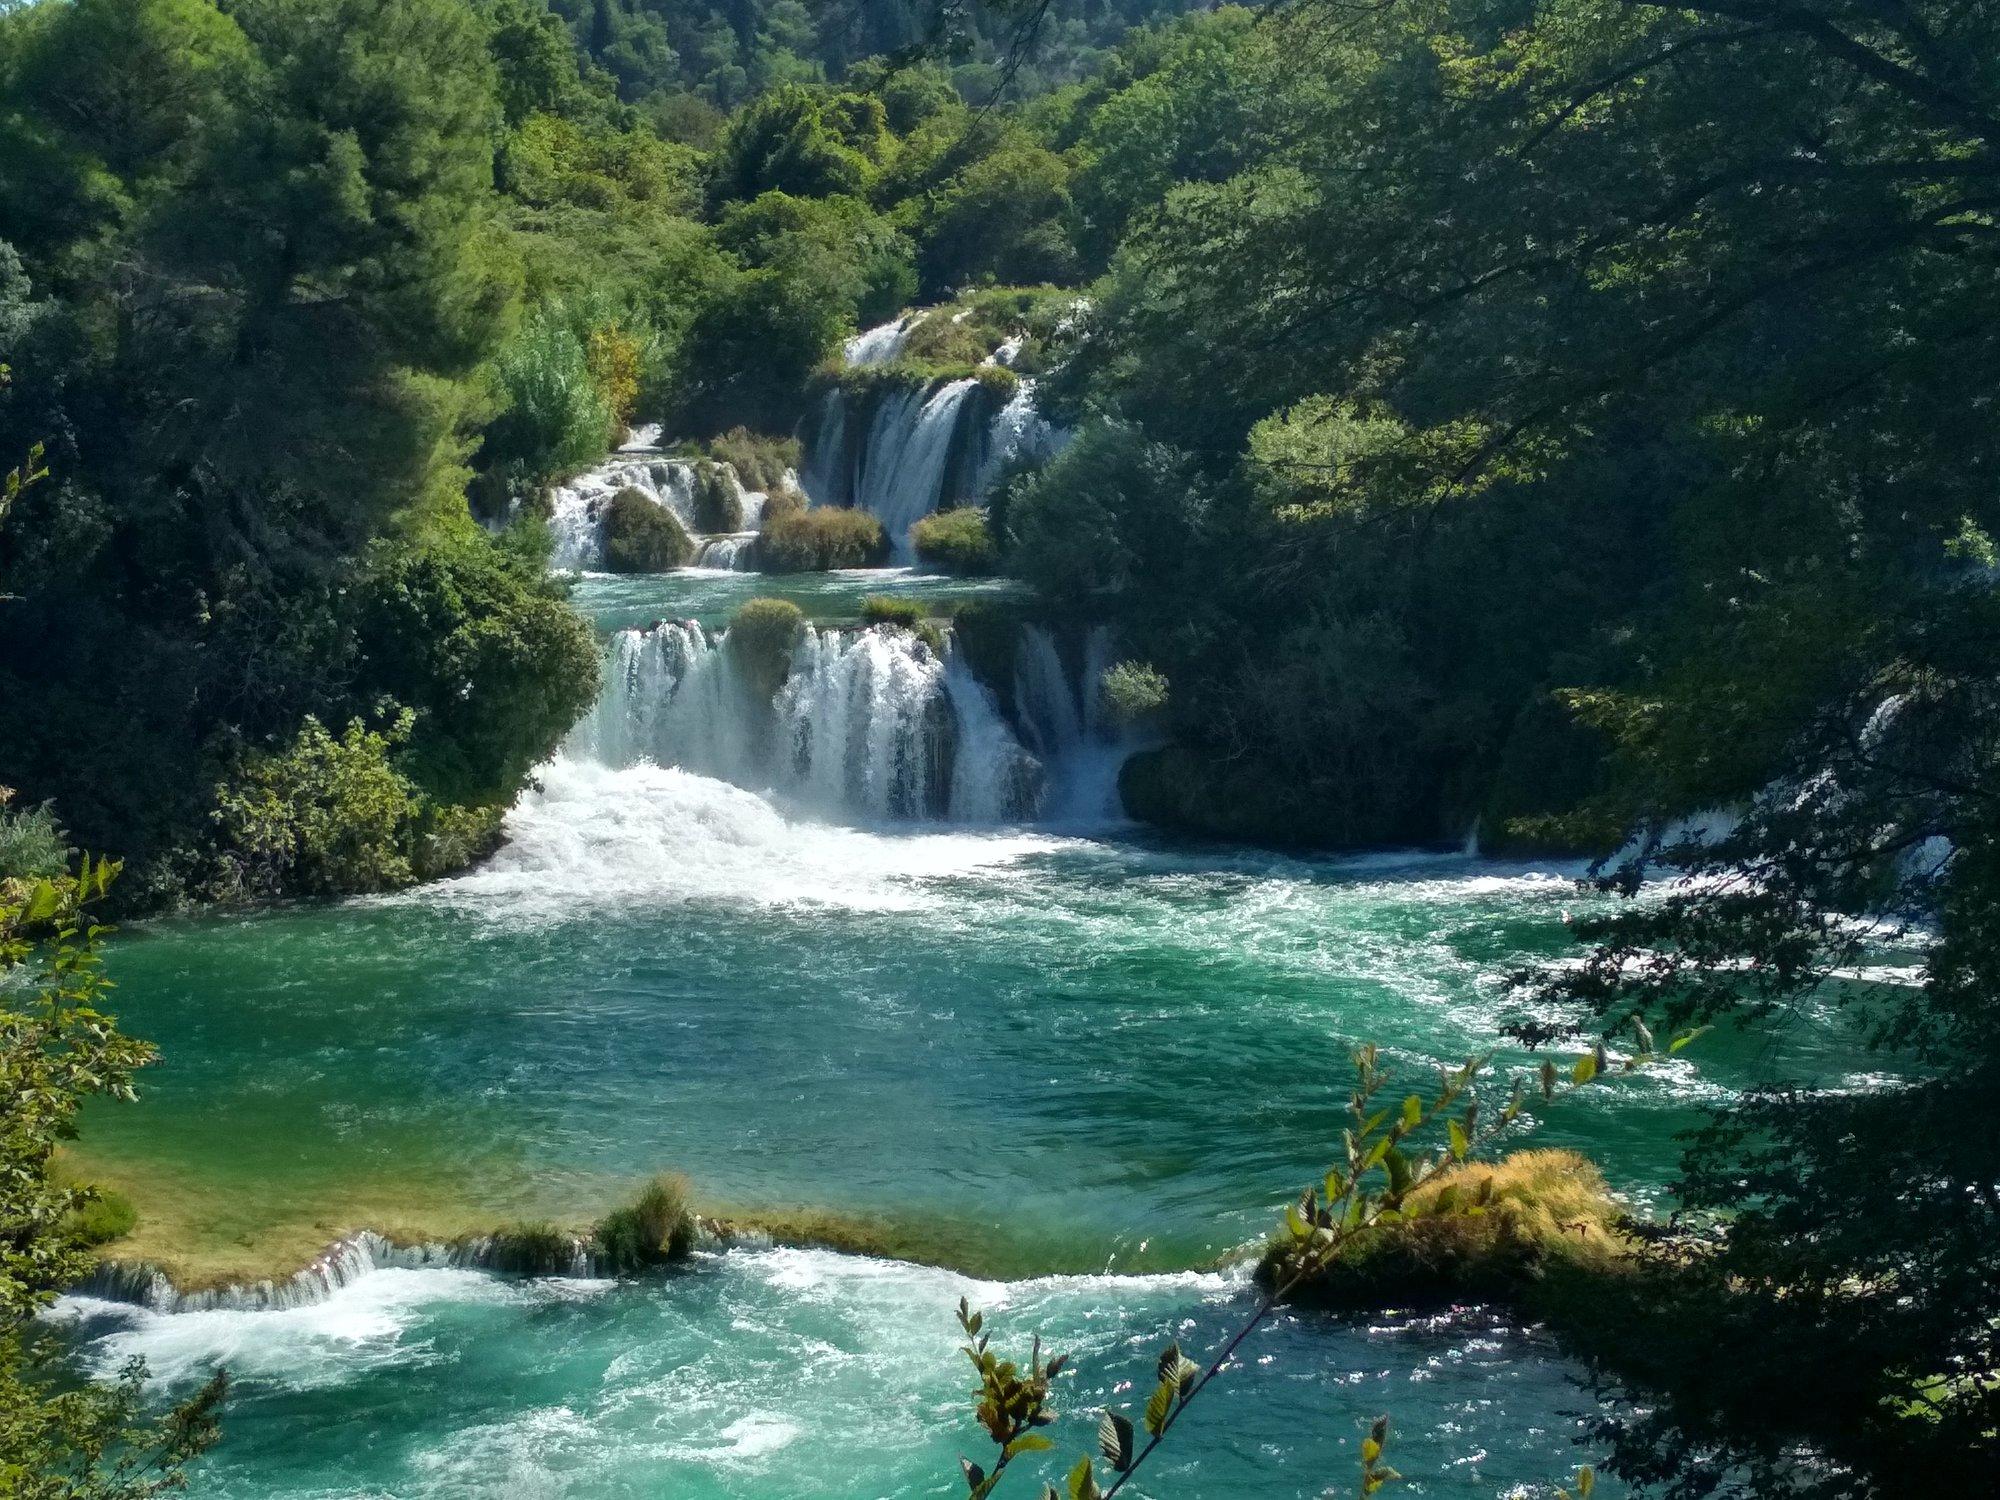 kaskáda na rieke Krka